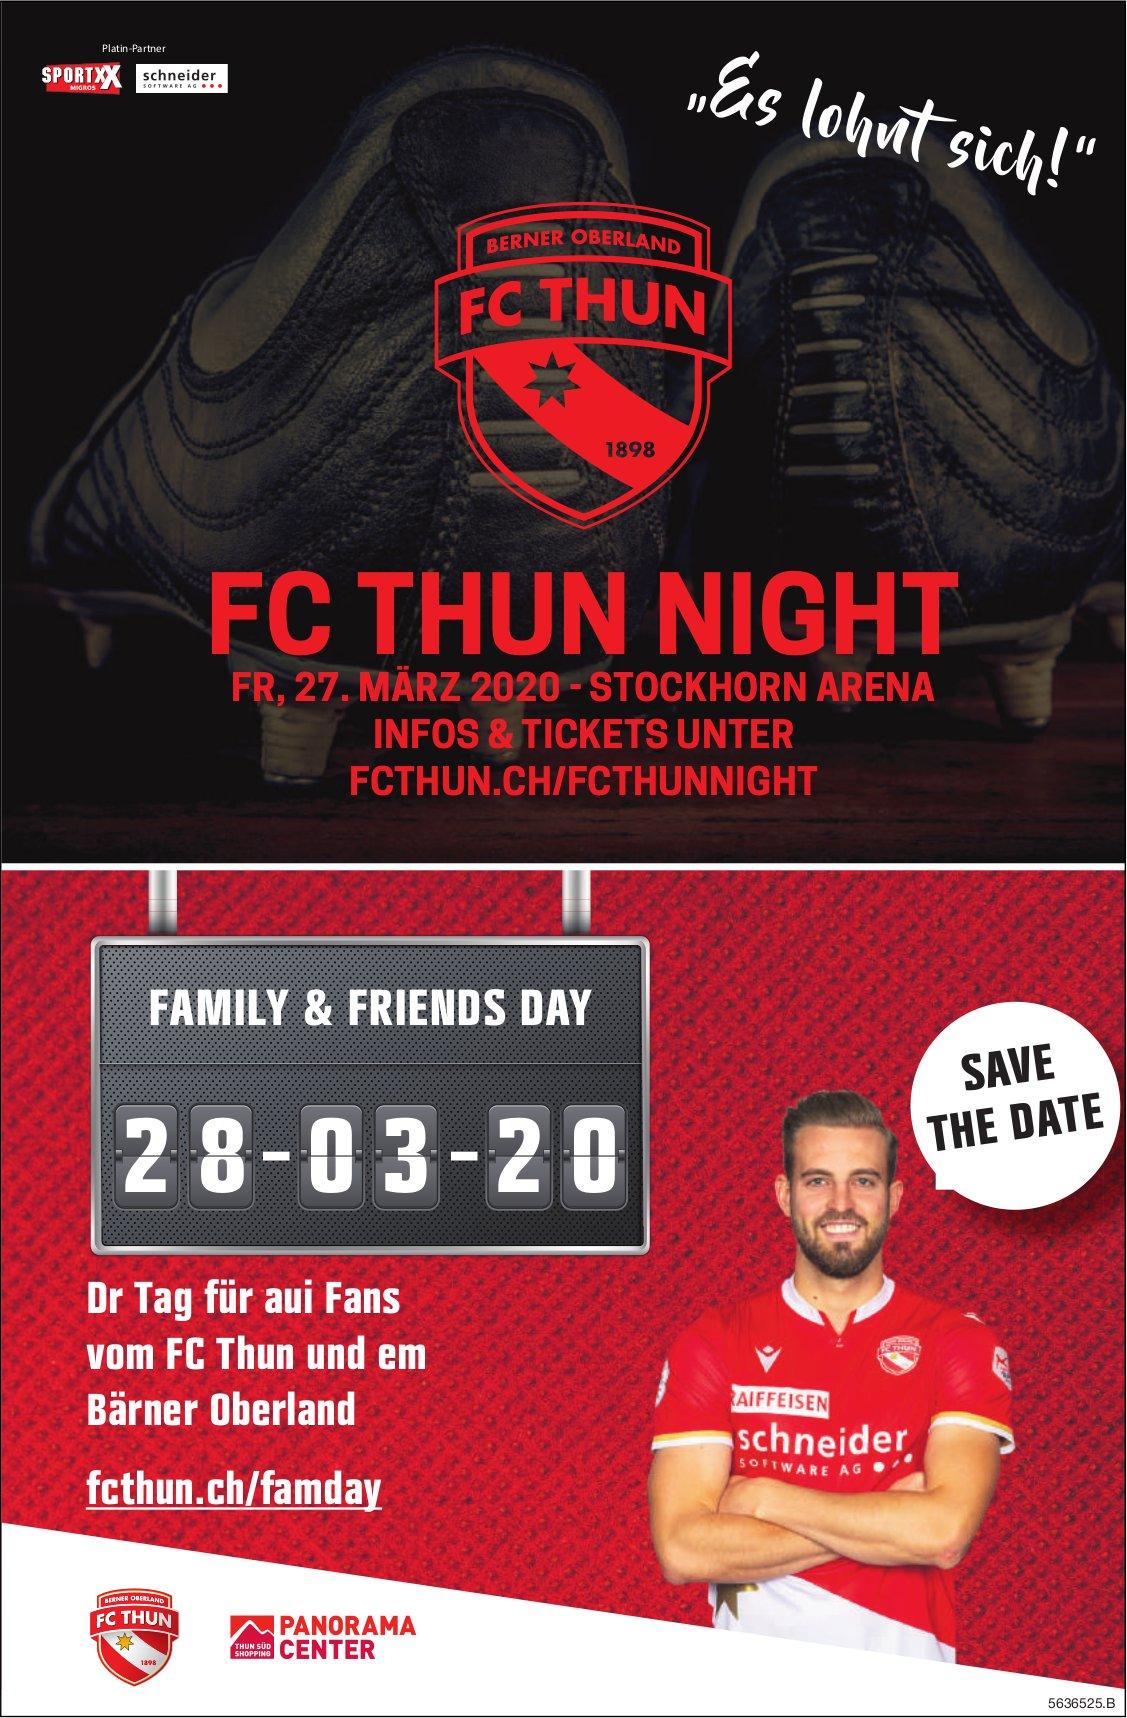 FC THUN NIGHT, am 27. März 2020 + FAMILY & FRIENDS DAY AM 28. MÄRZ 2020